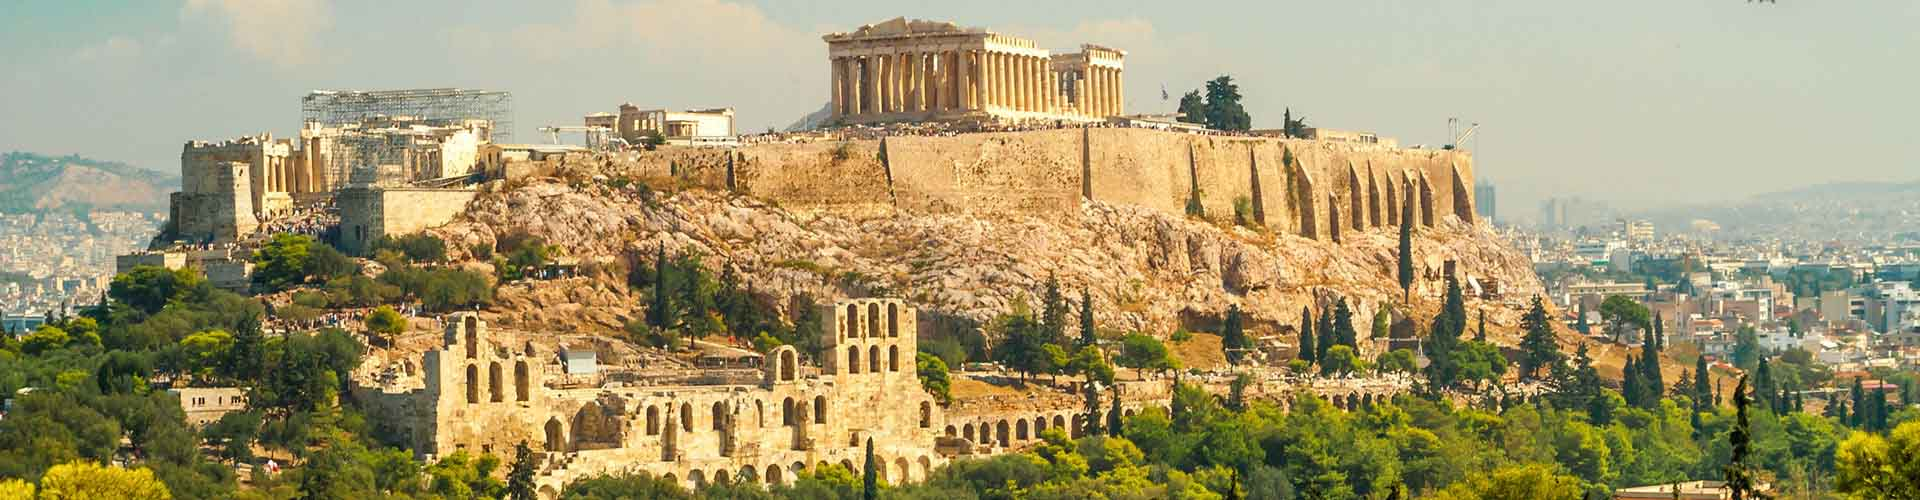 Atenas - Hoteles baratos en el distrito Koukaki. Mapas de Atenas, Fotos y comentarios de cada Hotel barato en Atenas.